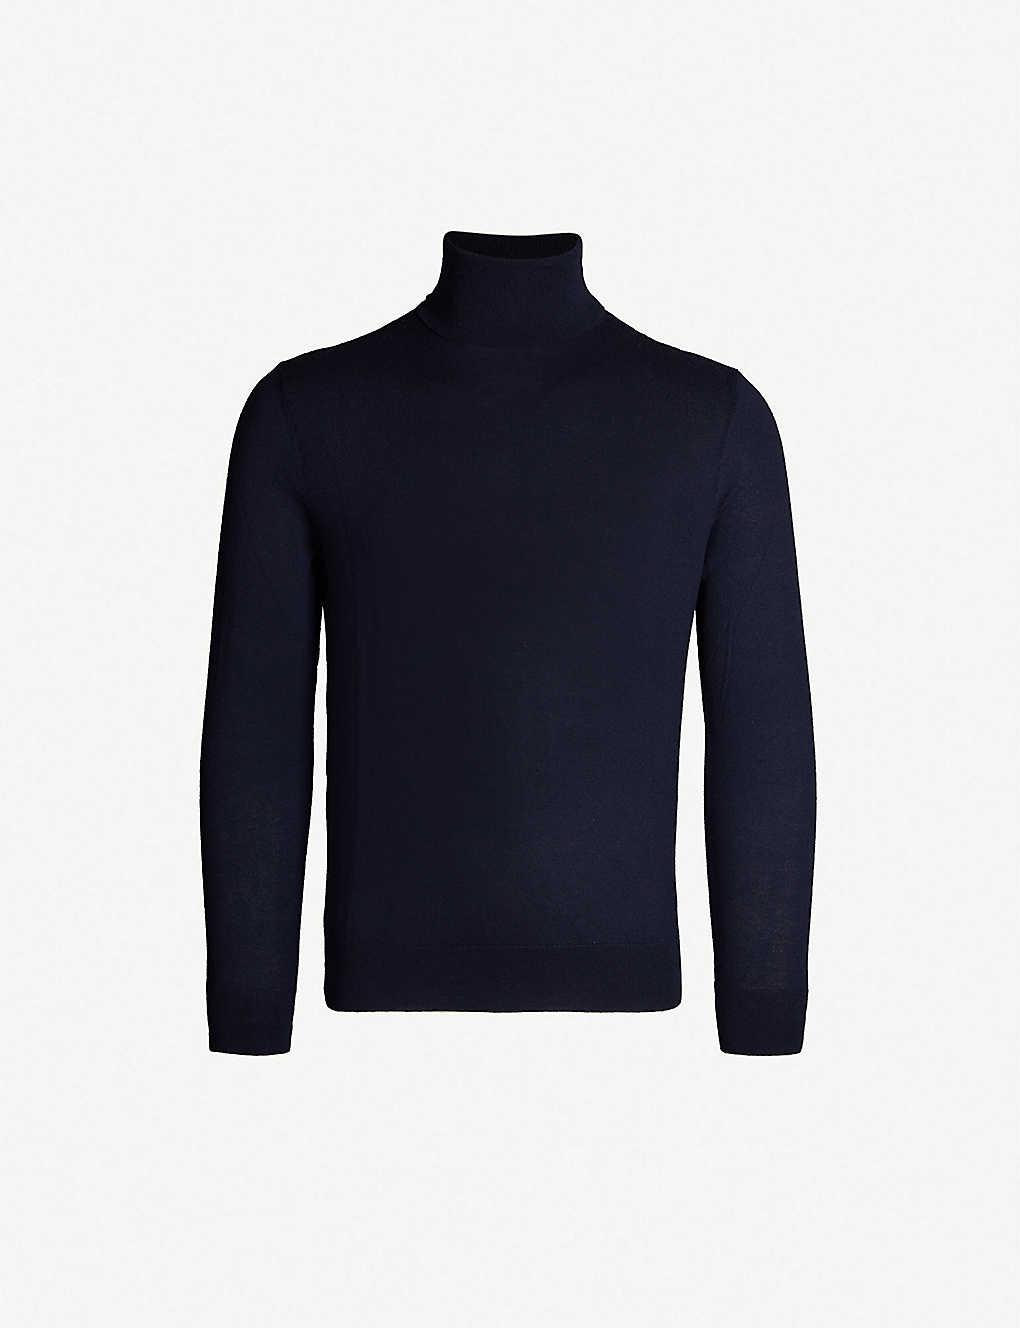 e91f8c3ea2136 RALPH LAUREN PURPLE LABEL - Turtleneck cashmere jumper | Selfridges.com